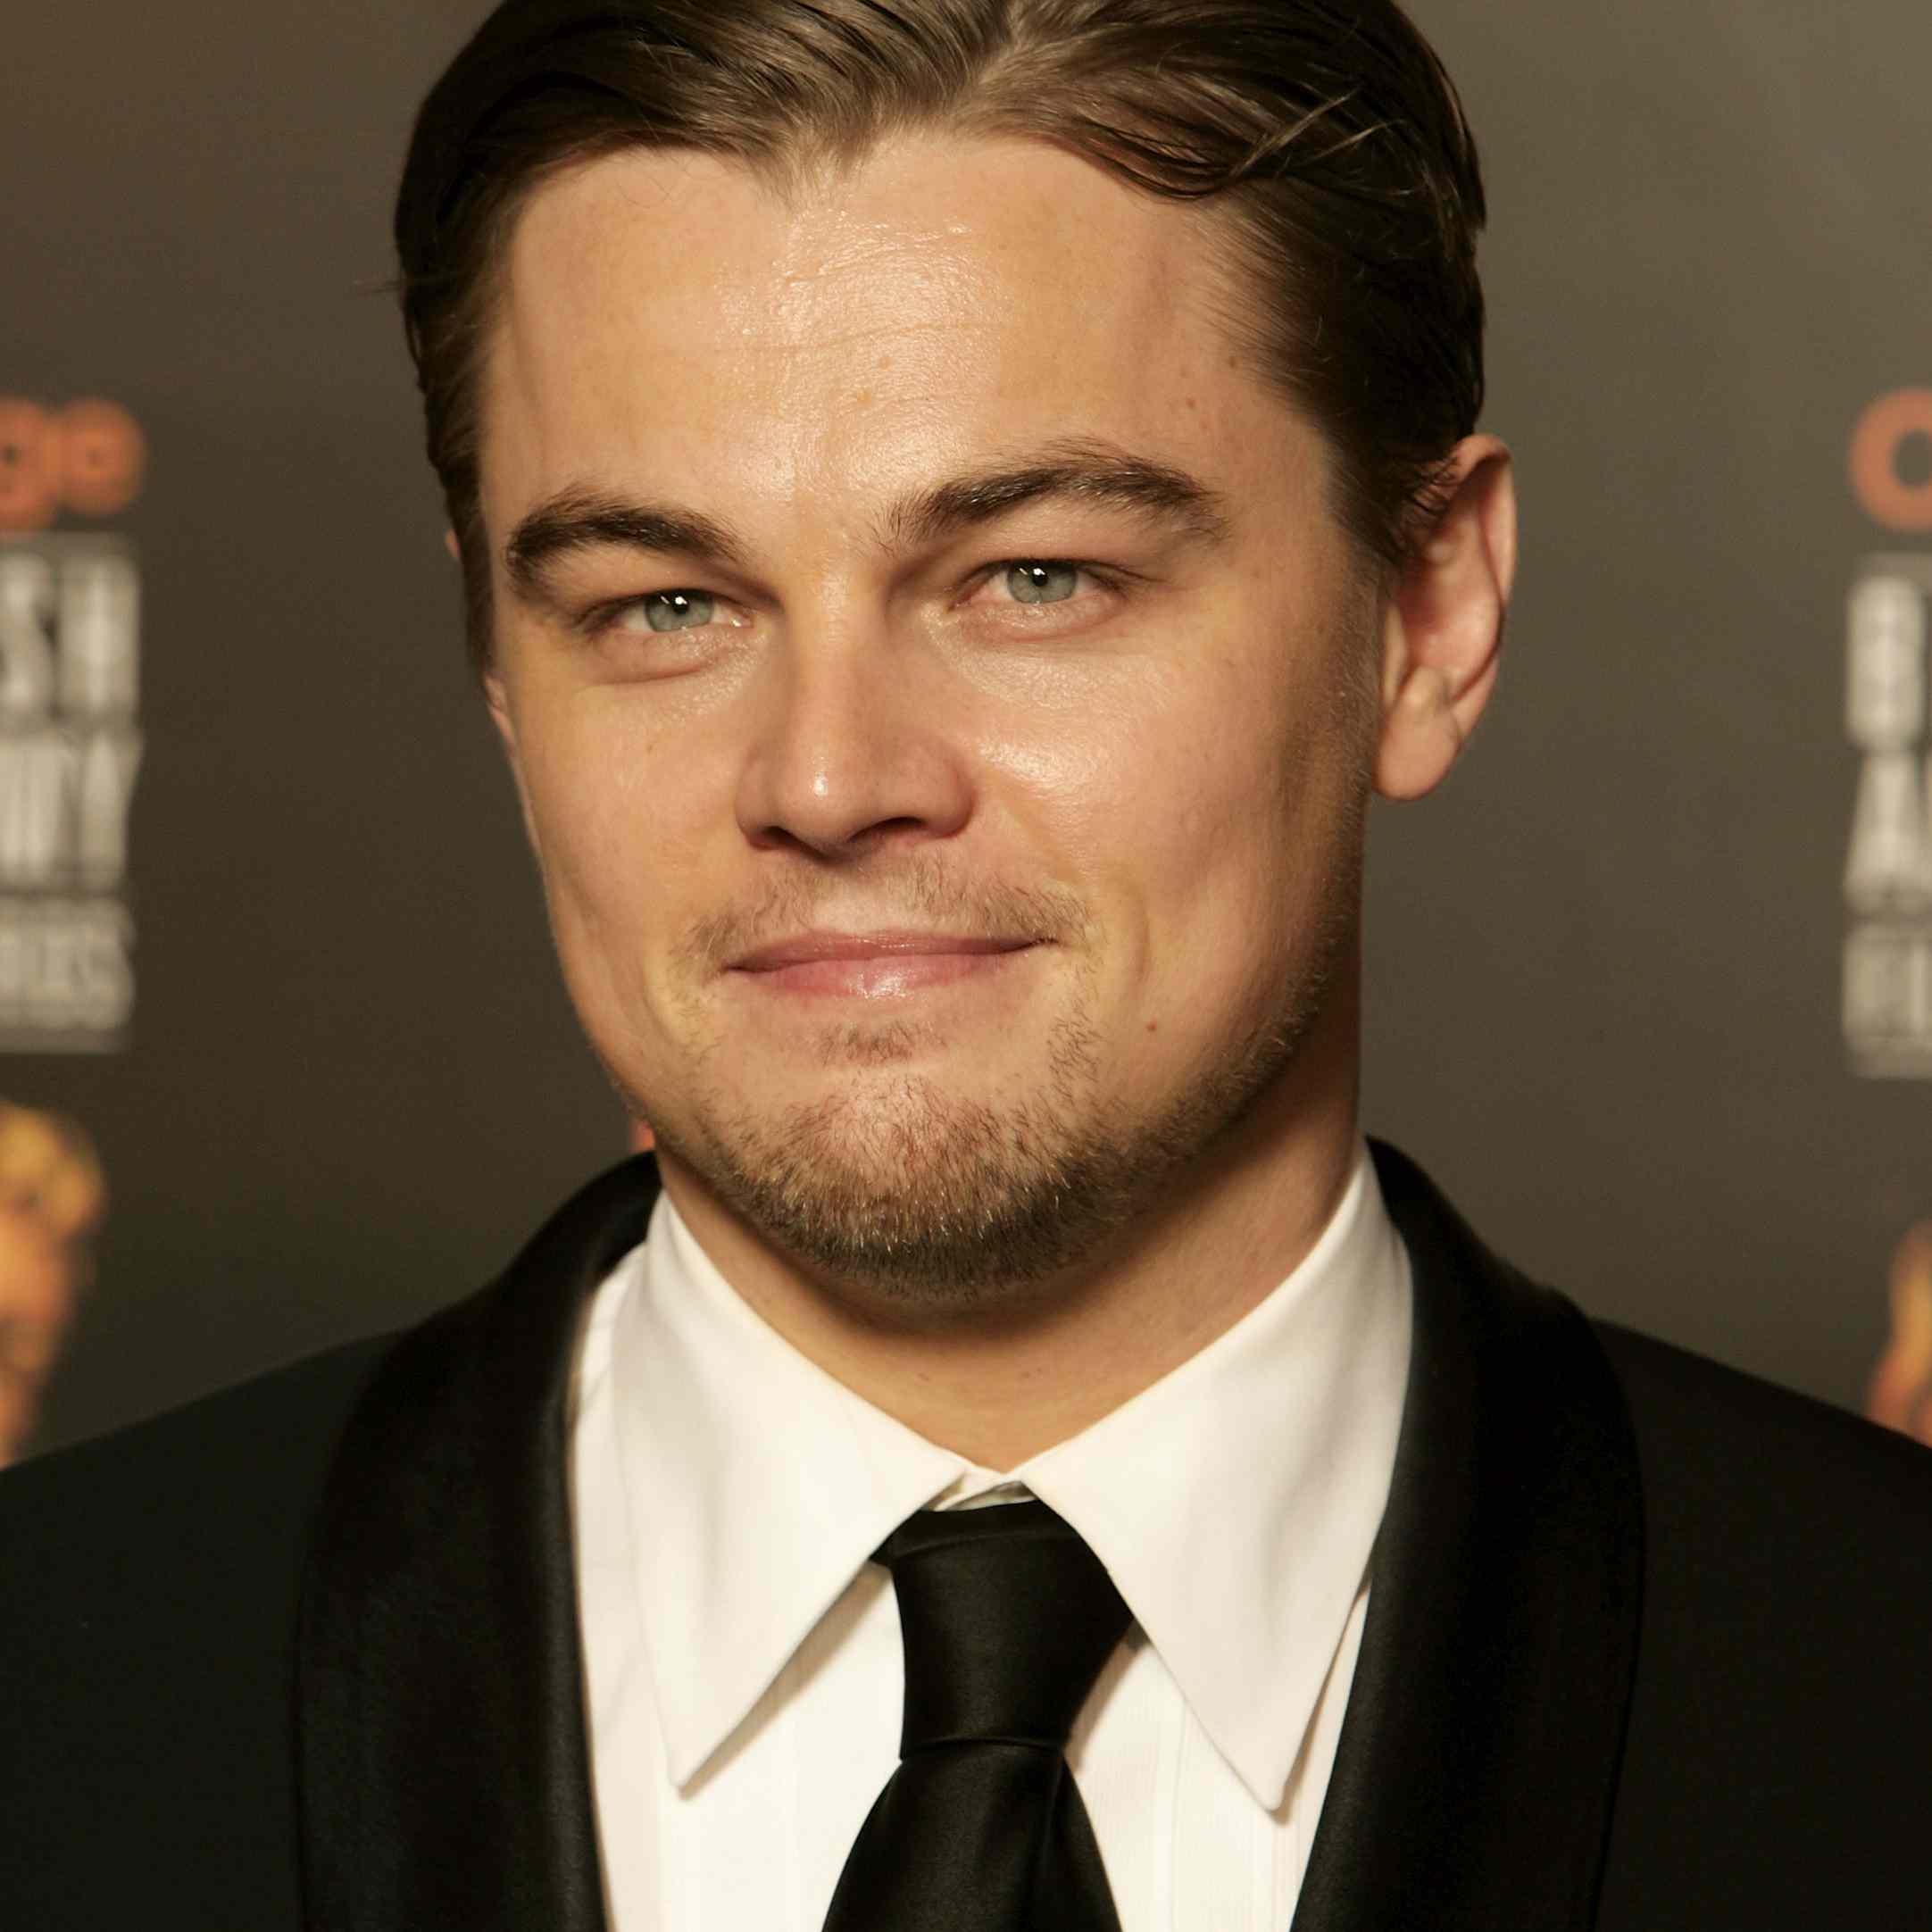 Leonardo DiCaprio Hair 2007